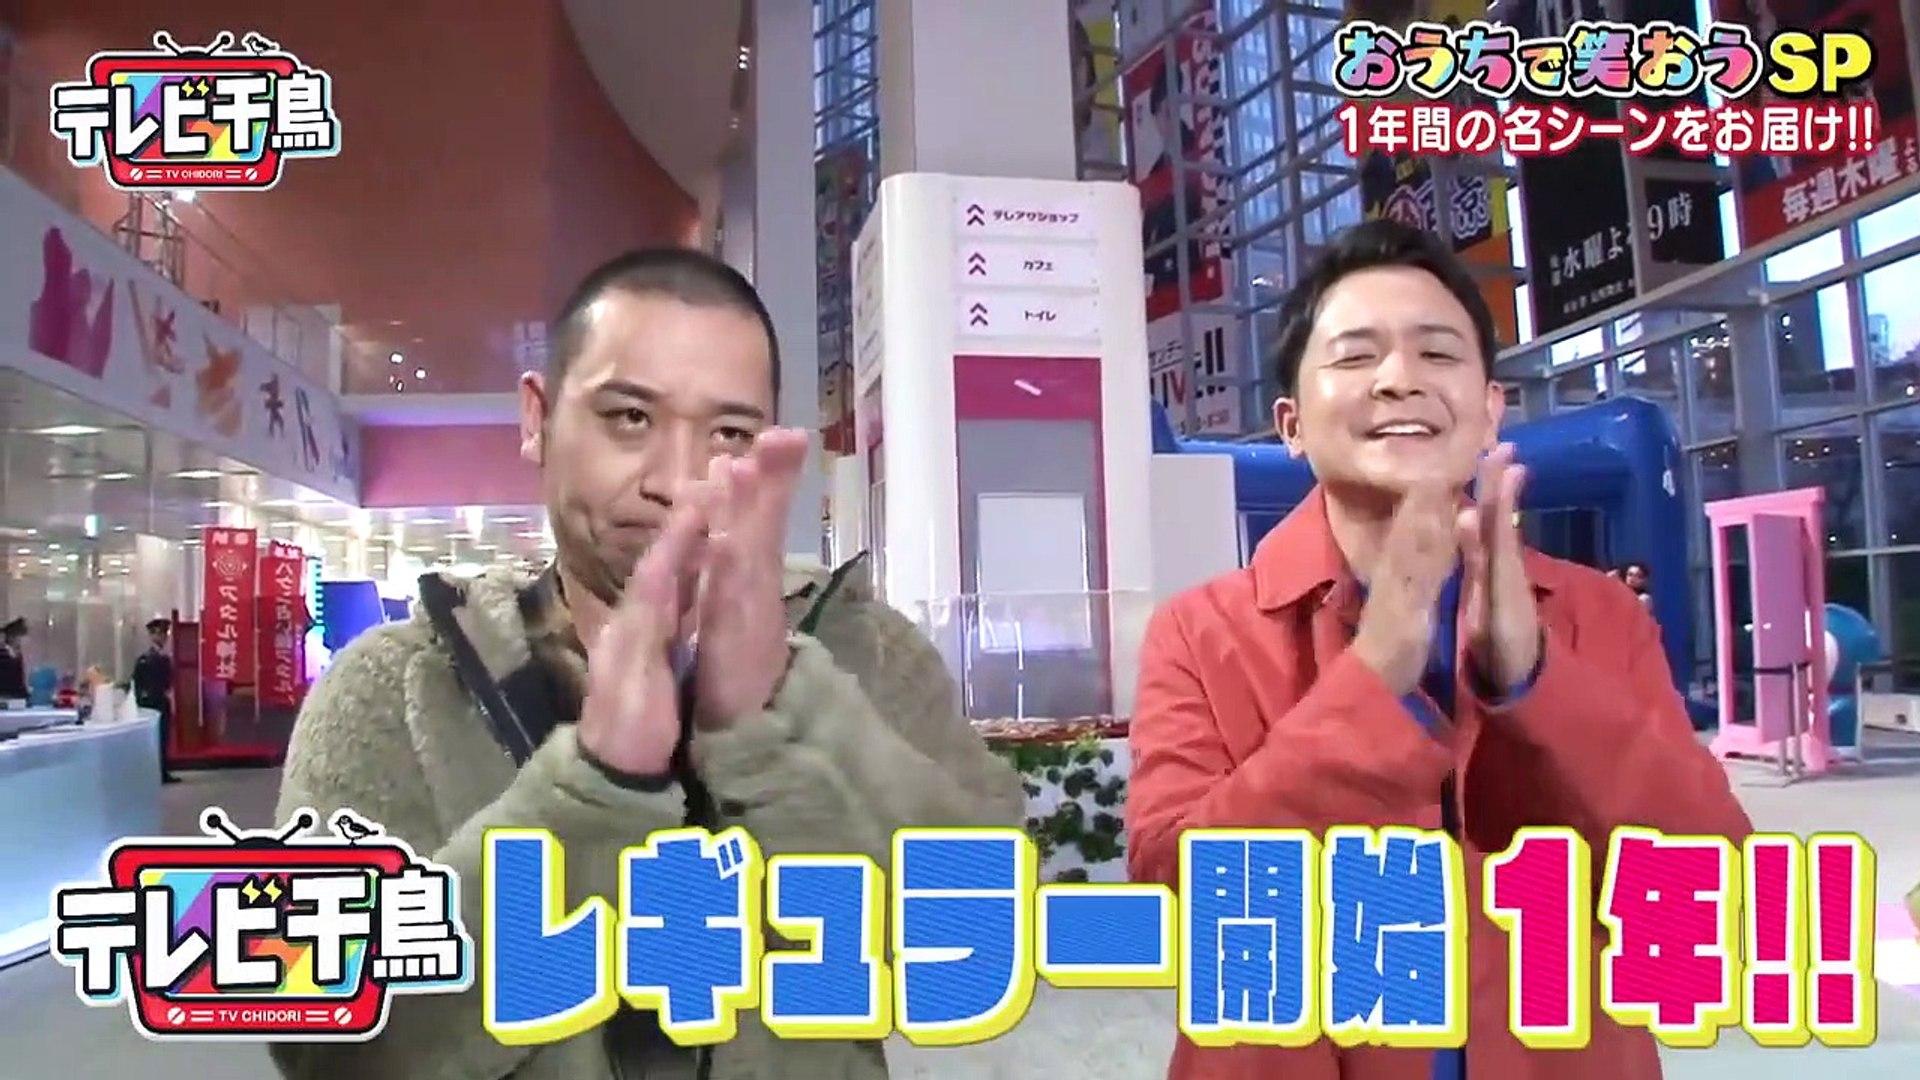 テレビ千鳥 dailymotion